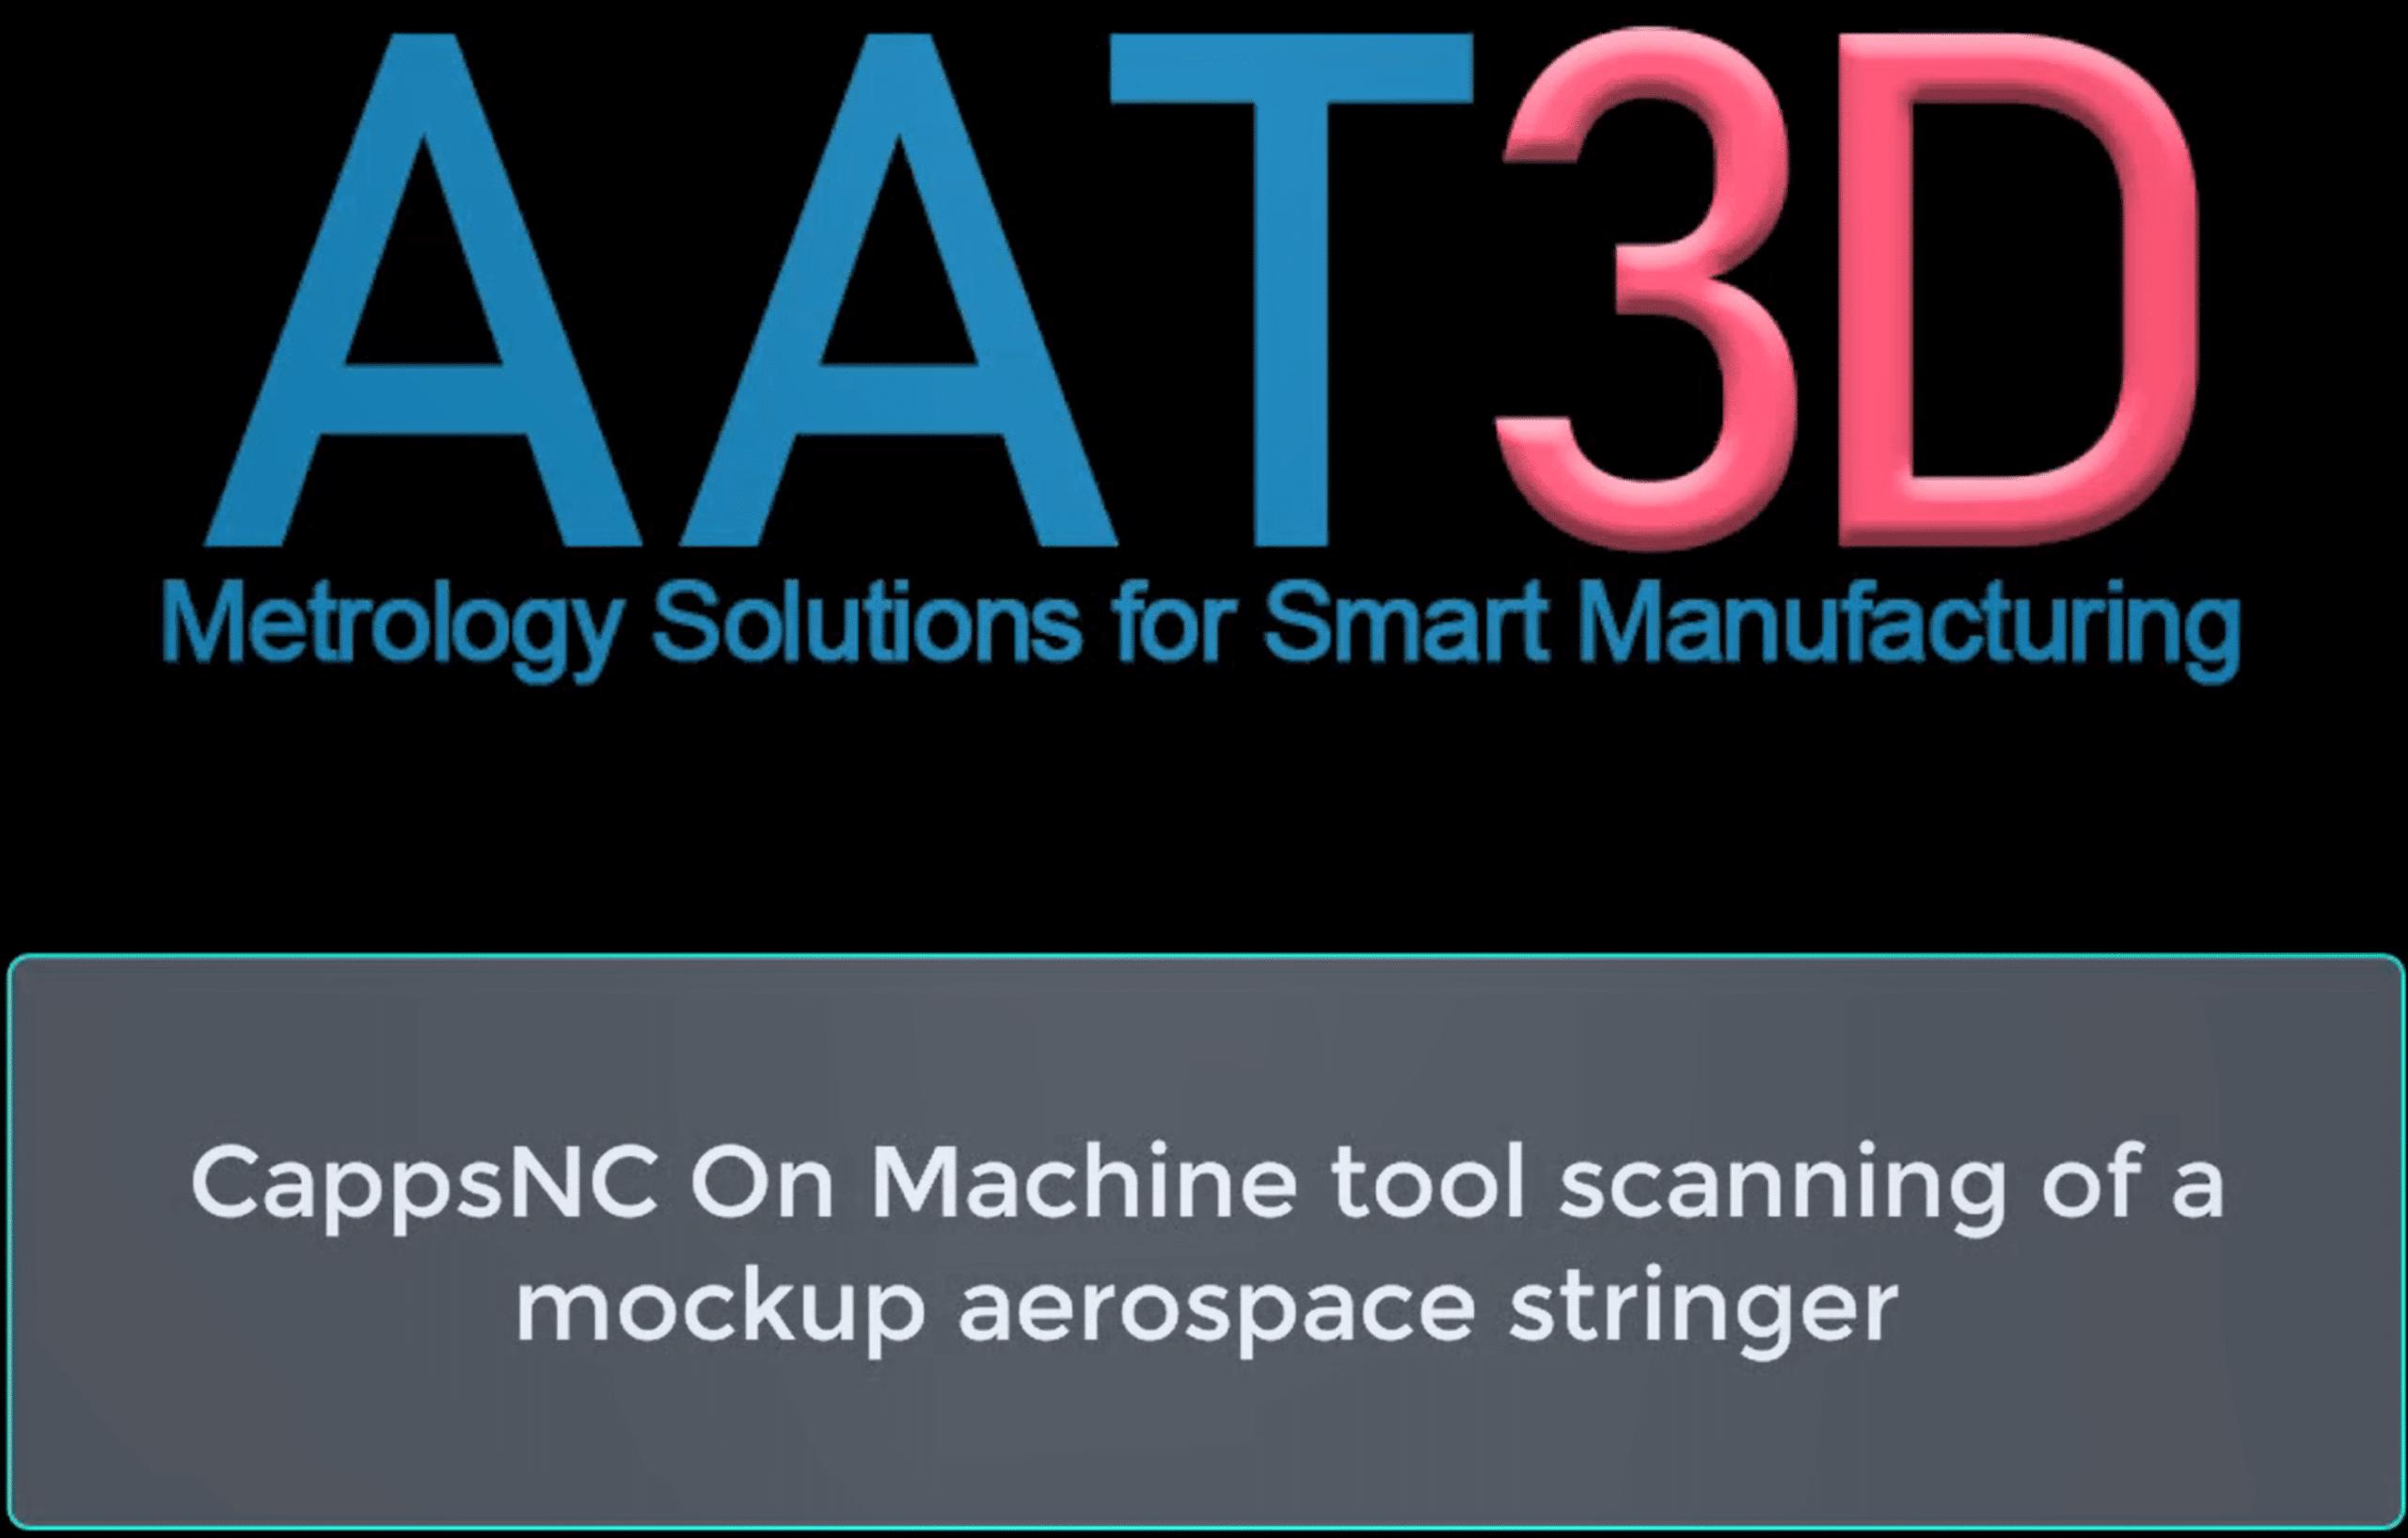 CappsNC-Laser_scanning-mockup_aerospace-stringer